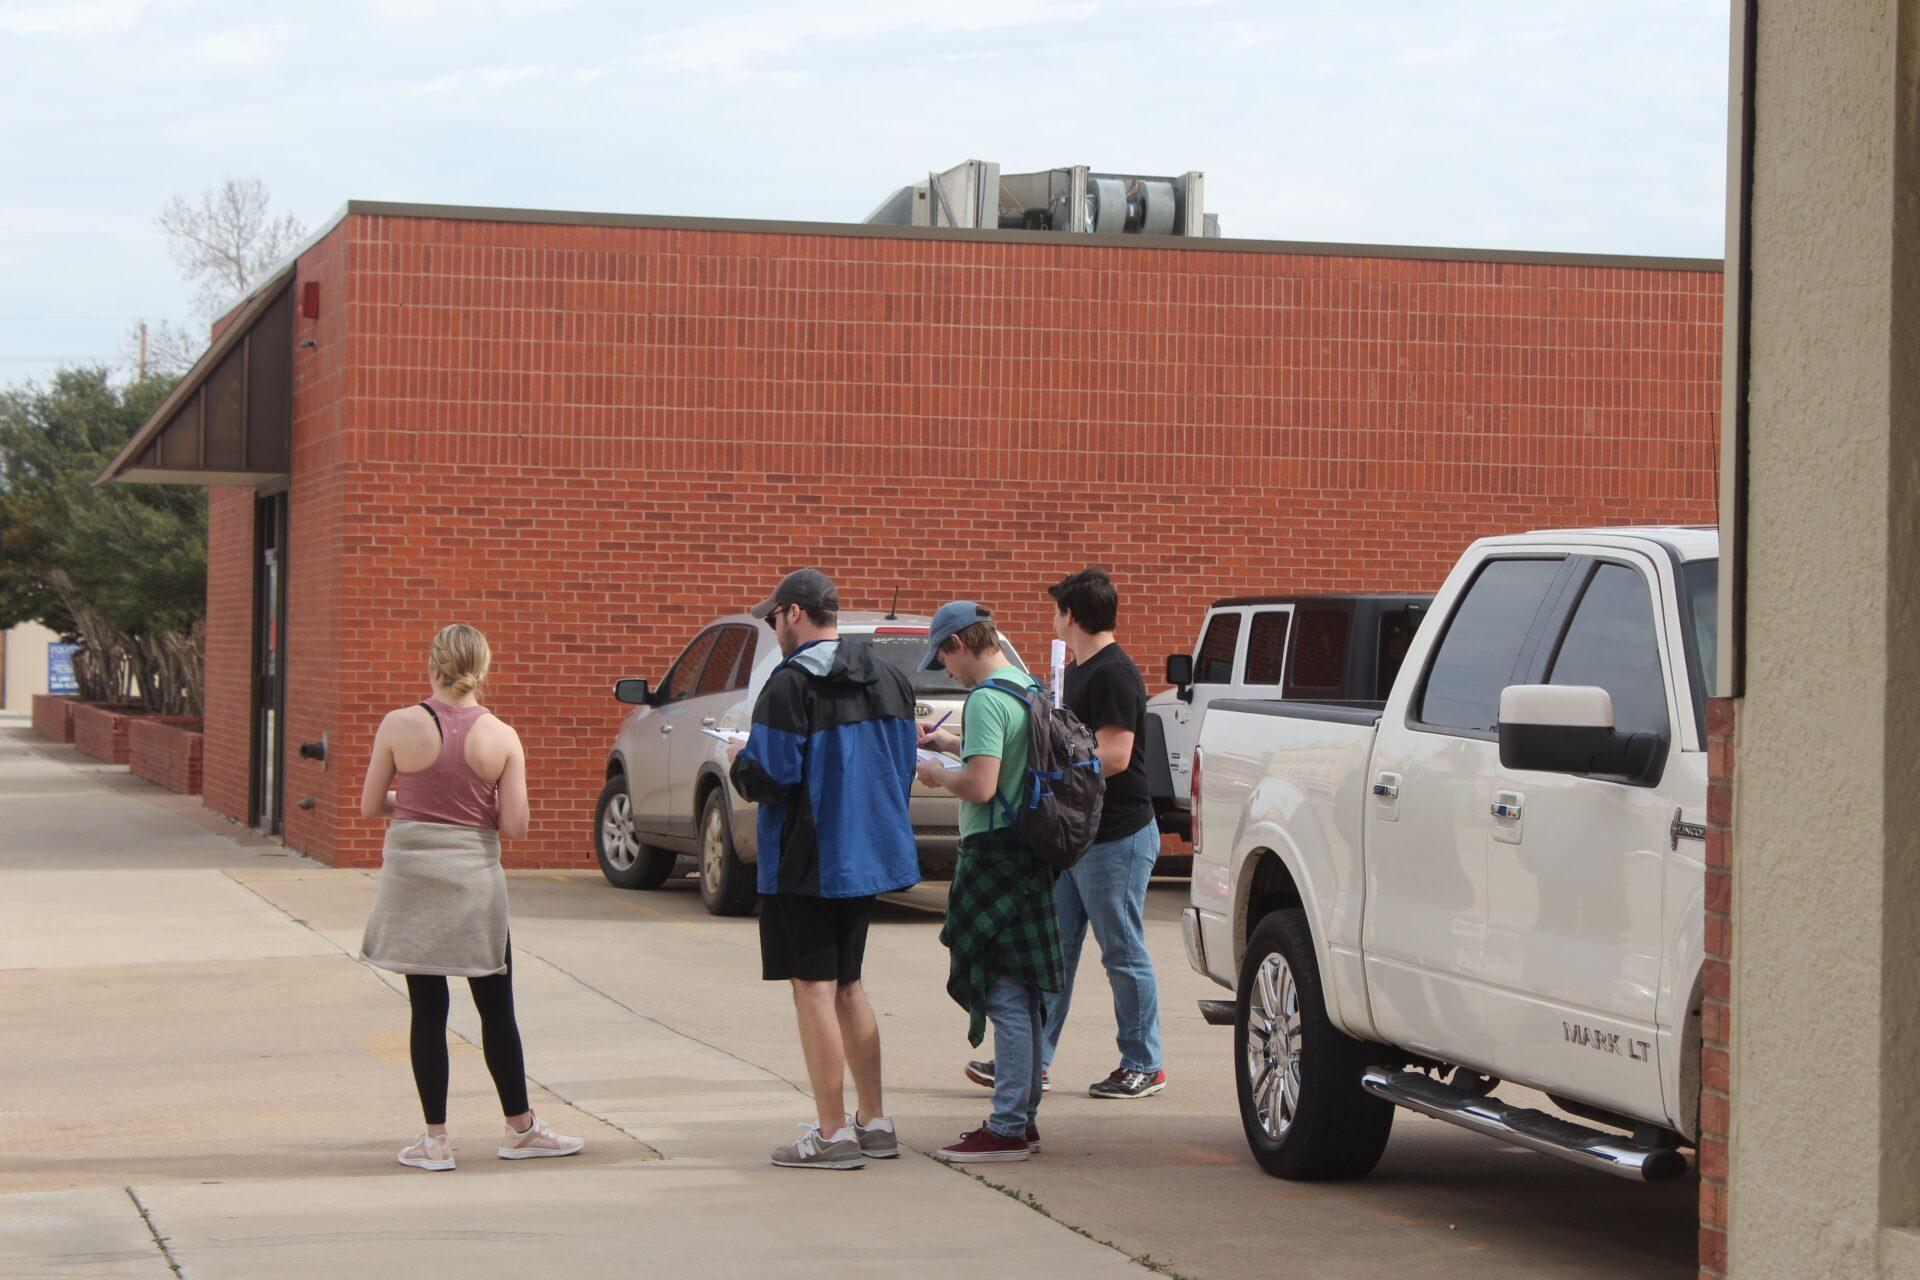 Students complete Parking Survey